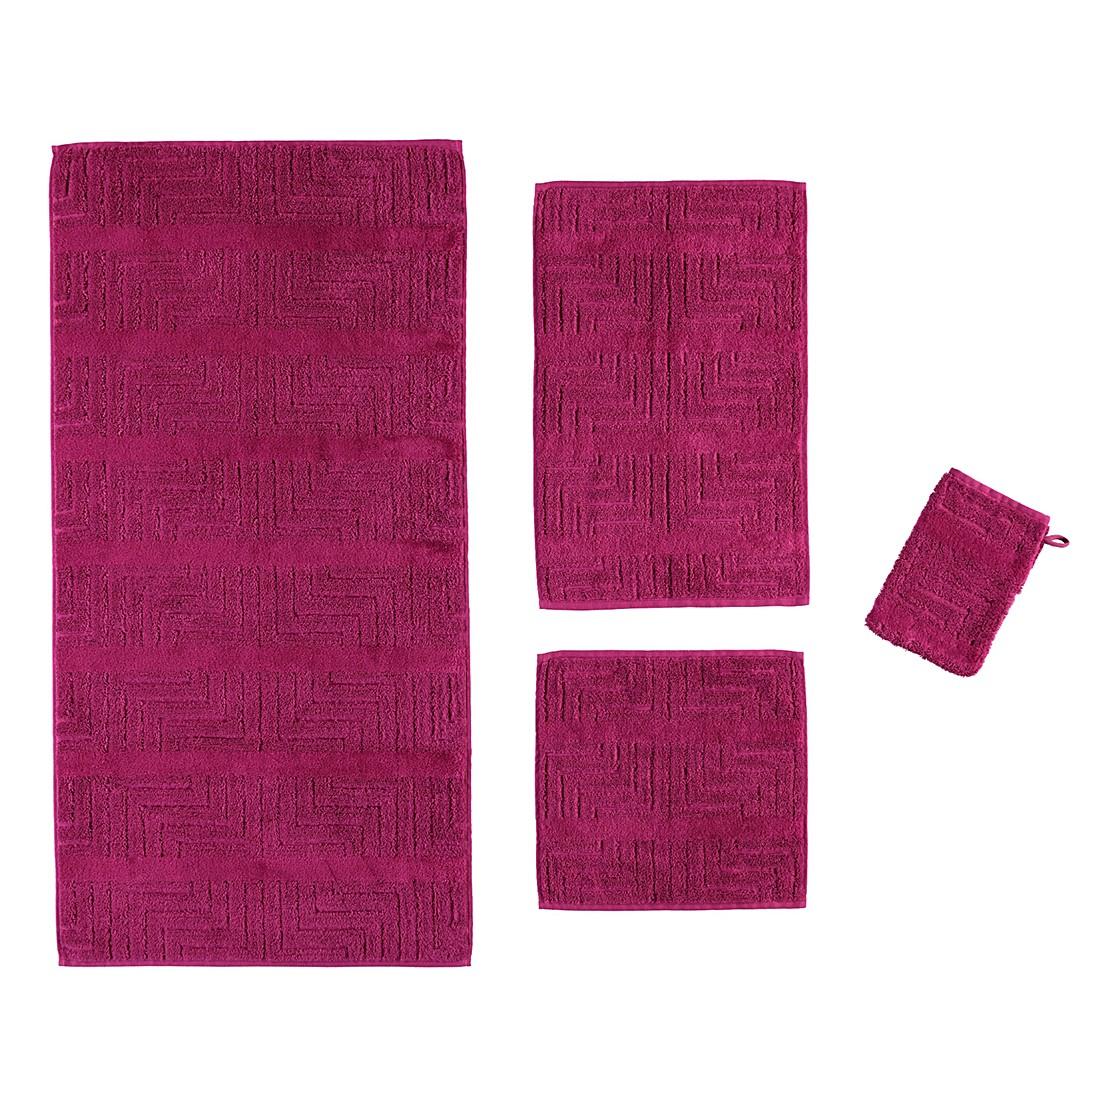 Handtücher Noblesse Decor Struktur 1065 – Baumwolle – Fuchsia – Waschhandschuh 16×22 cm, Cawö online bestellen